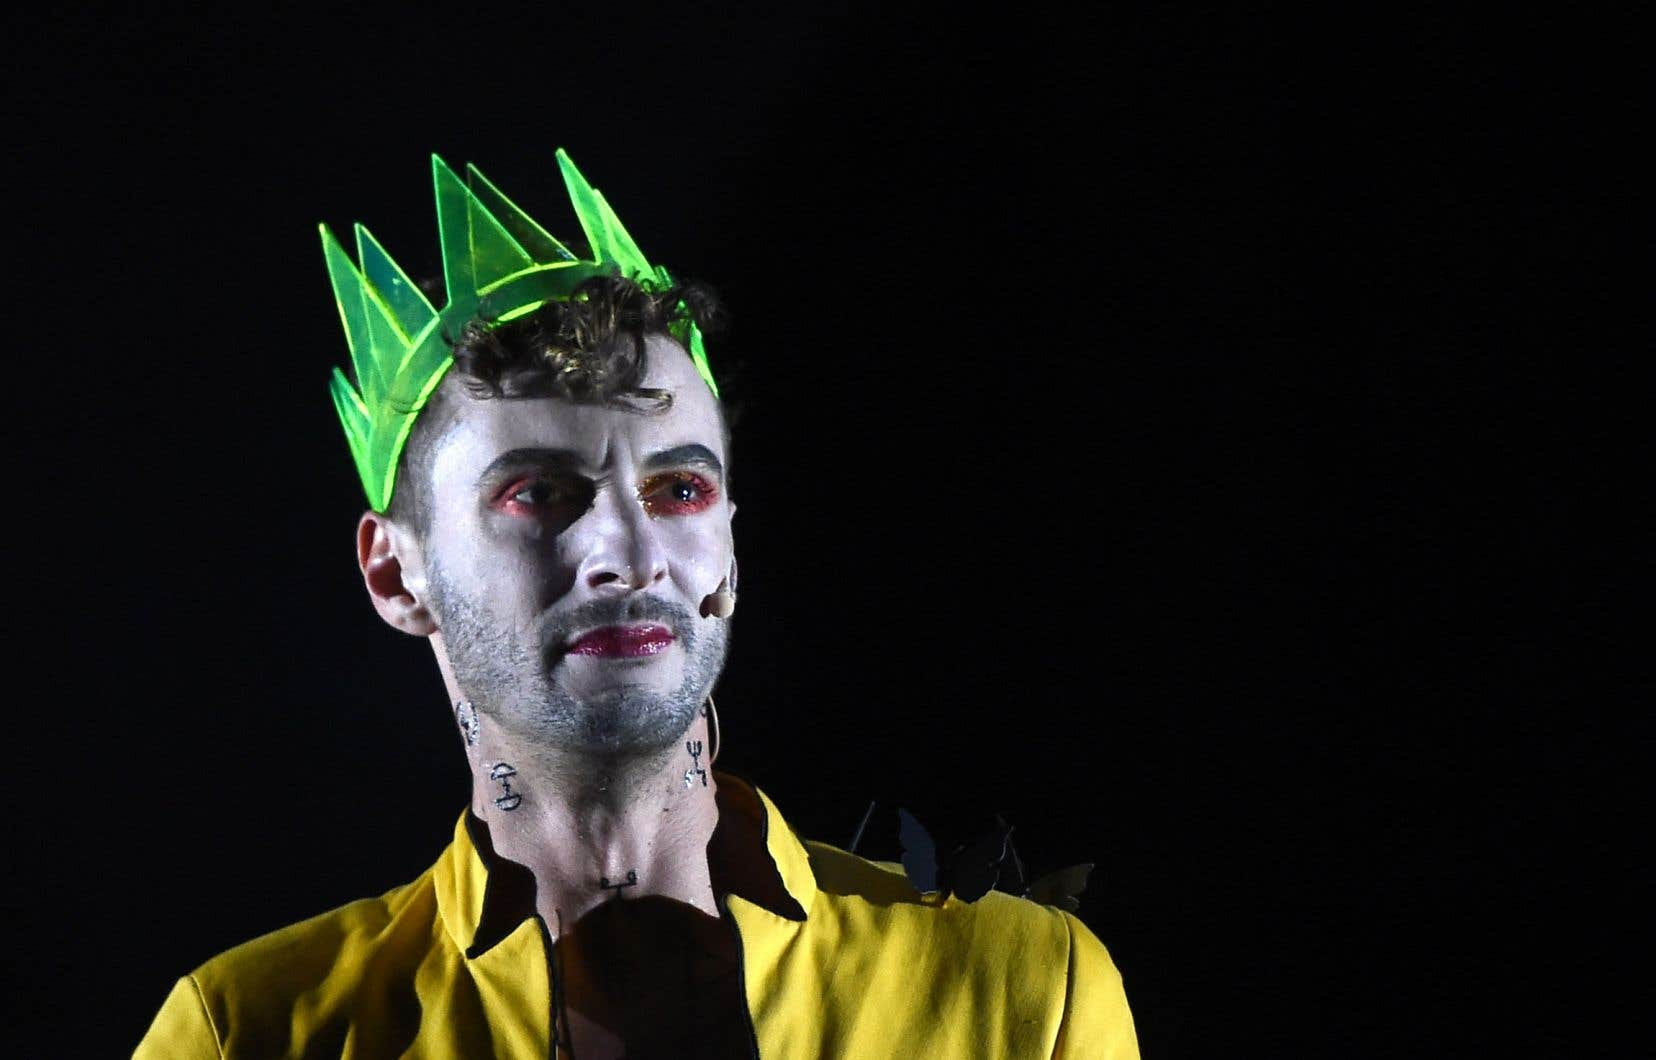 Connu pour sa trilogie shakespearienne d'une durée de 13heures, l'acteur et metteur en scène Thomas Jolly enfile cet été les habits d'Atrée dans la tragédie «Thyeste», de Sénèque.